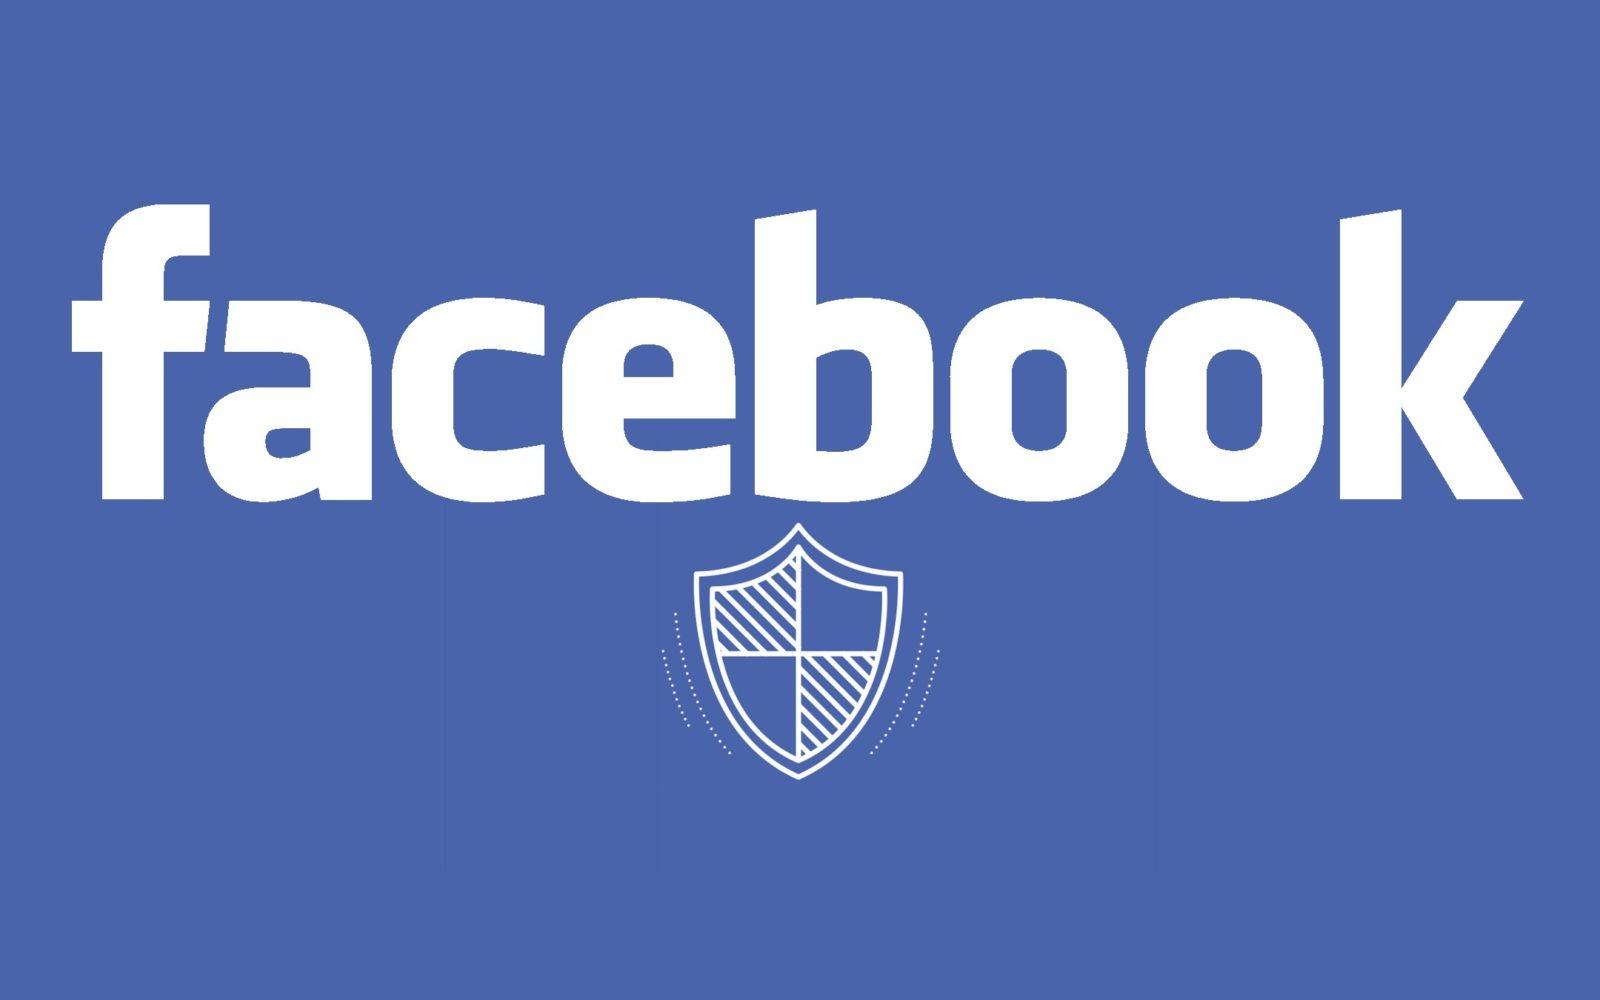 Logo di facebook per articolo sulla vendita illegale dei dati degli utenti